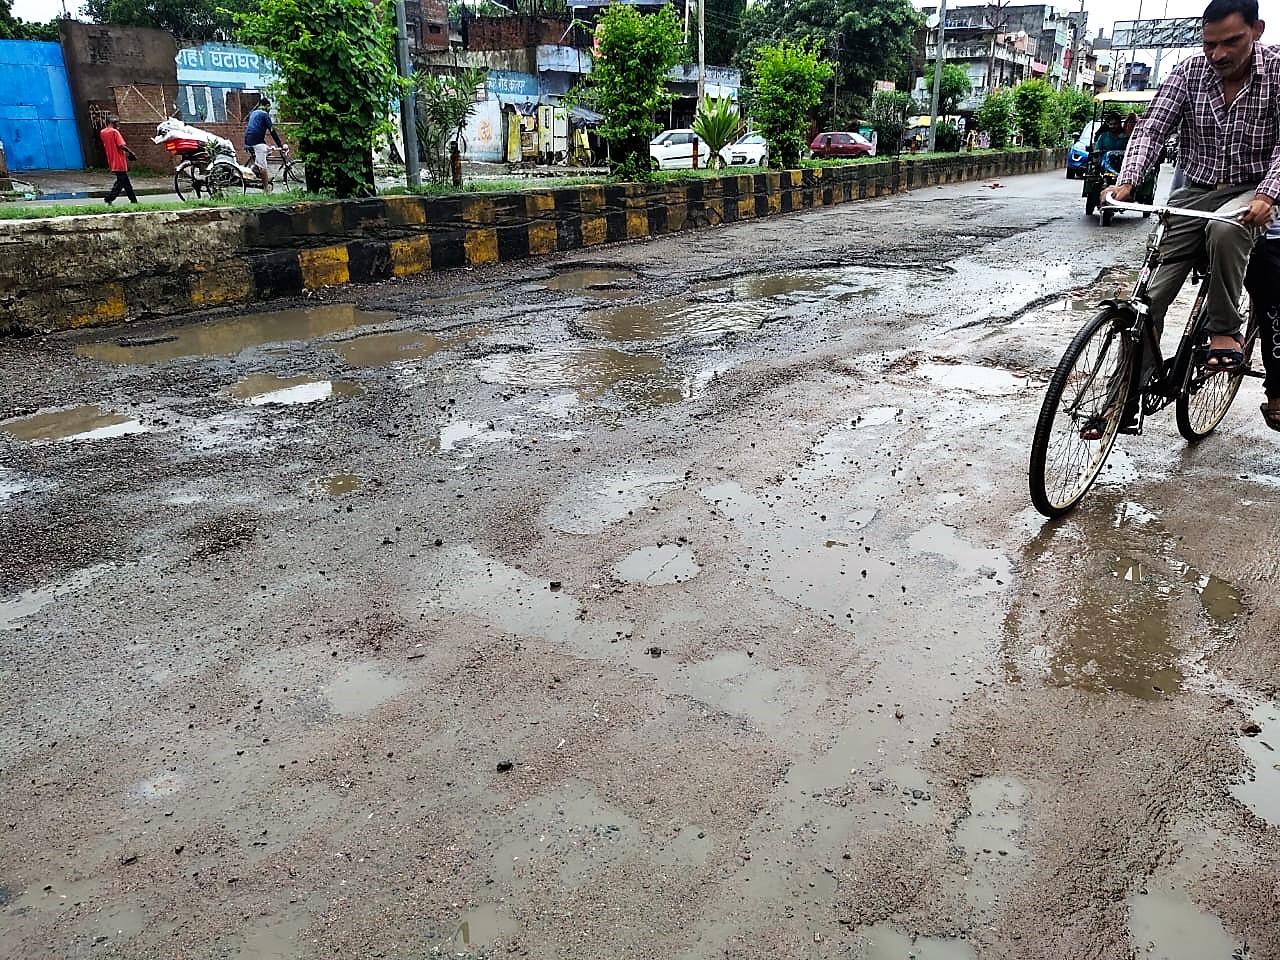 4450 किमी. की सड़कों पर गड्ढे ही गड्ढे, अभी तक 16 % ही गड्ढामुक्त, अब वॉट्सऐप पर दे सकते हैं जानकारी|कानपुर,Kanpur - Dainik Bhaskar